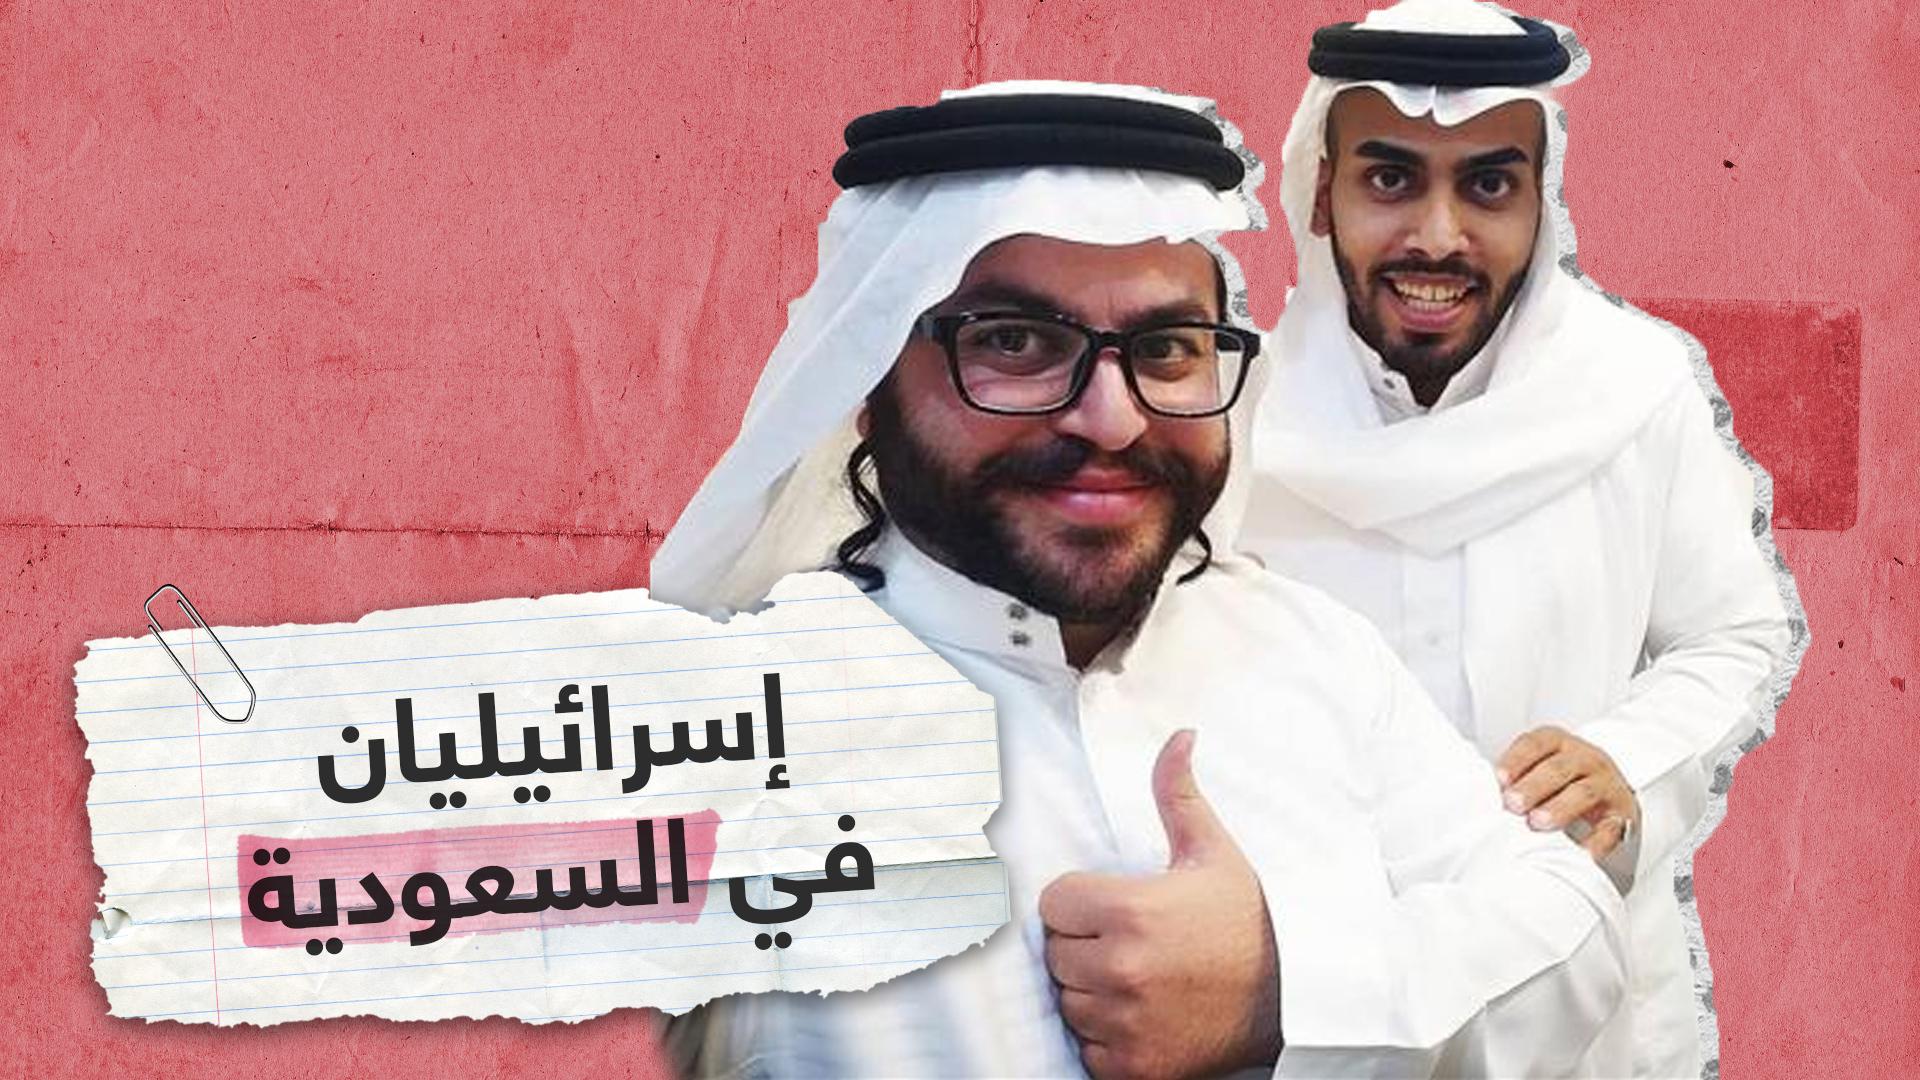 إسرائيليان في ضيافة سعودي بالرياض